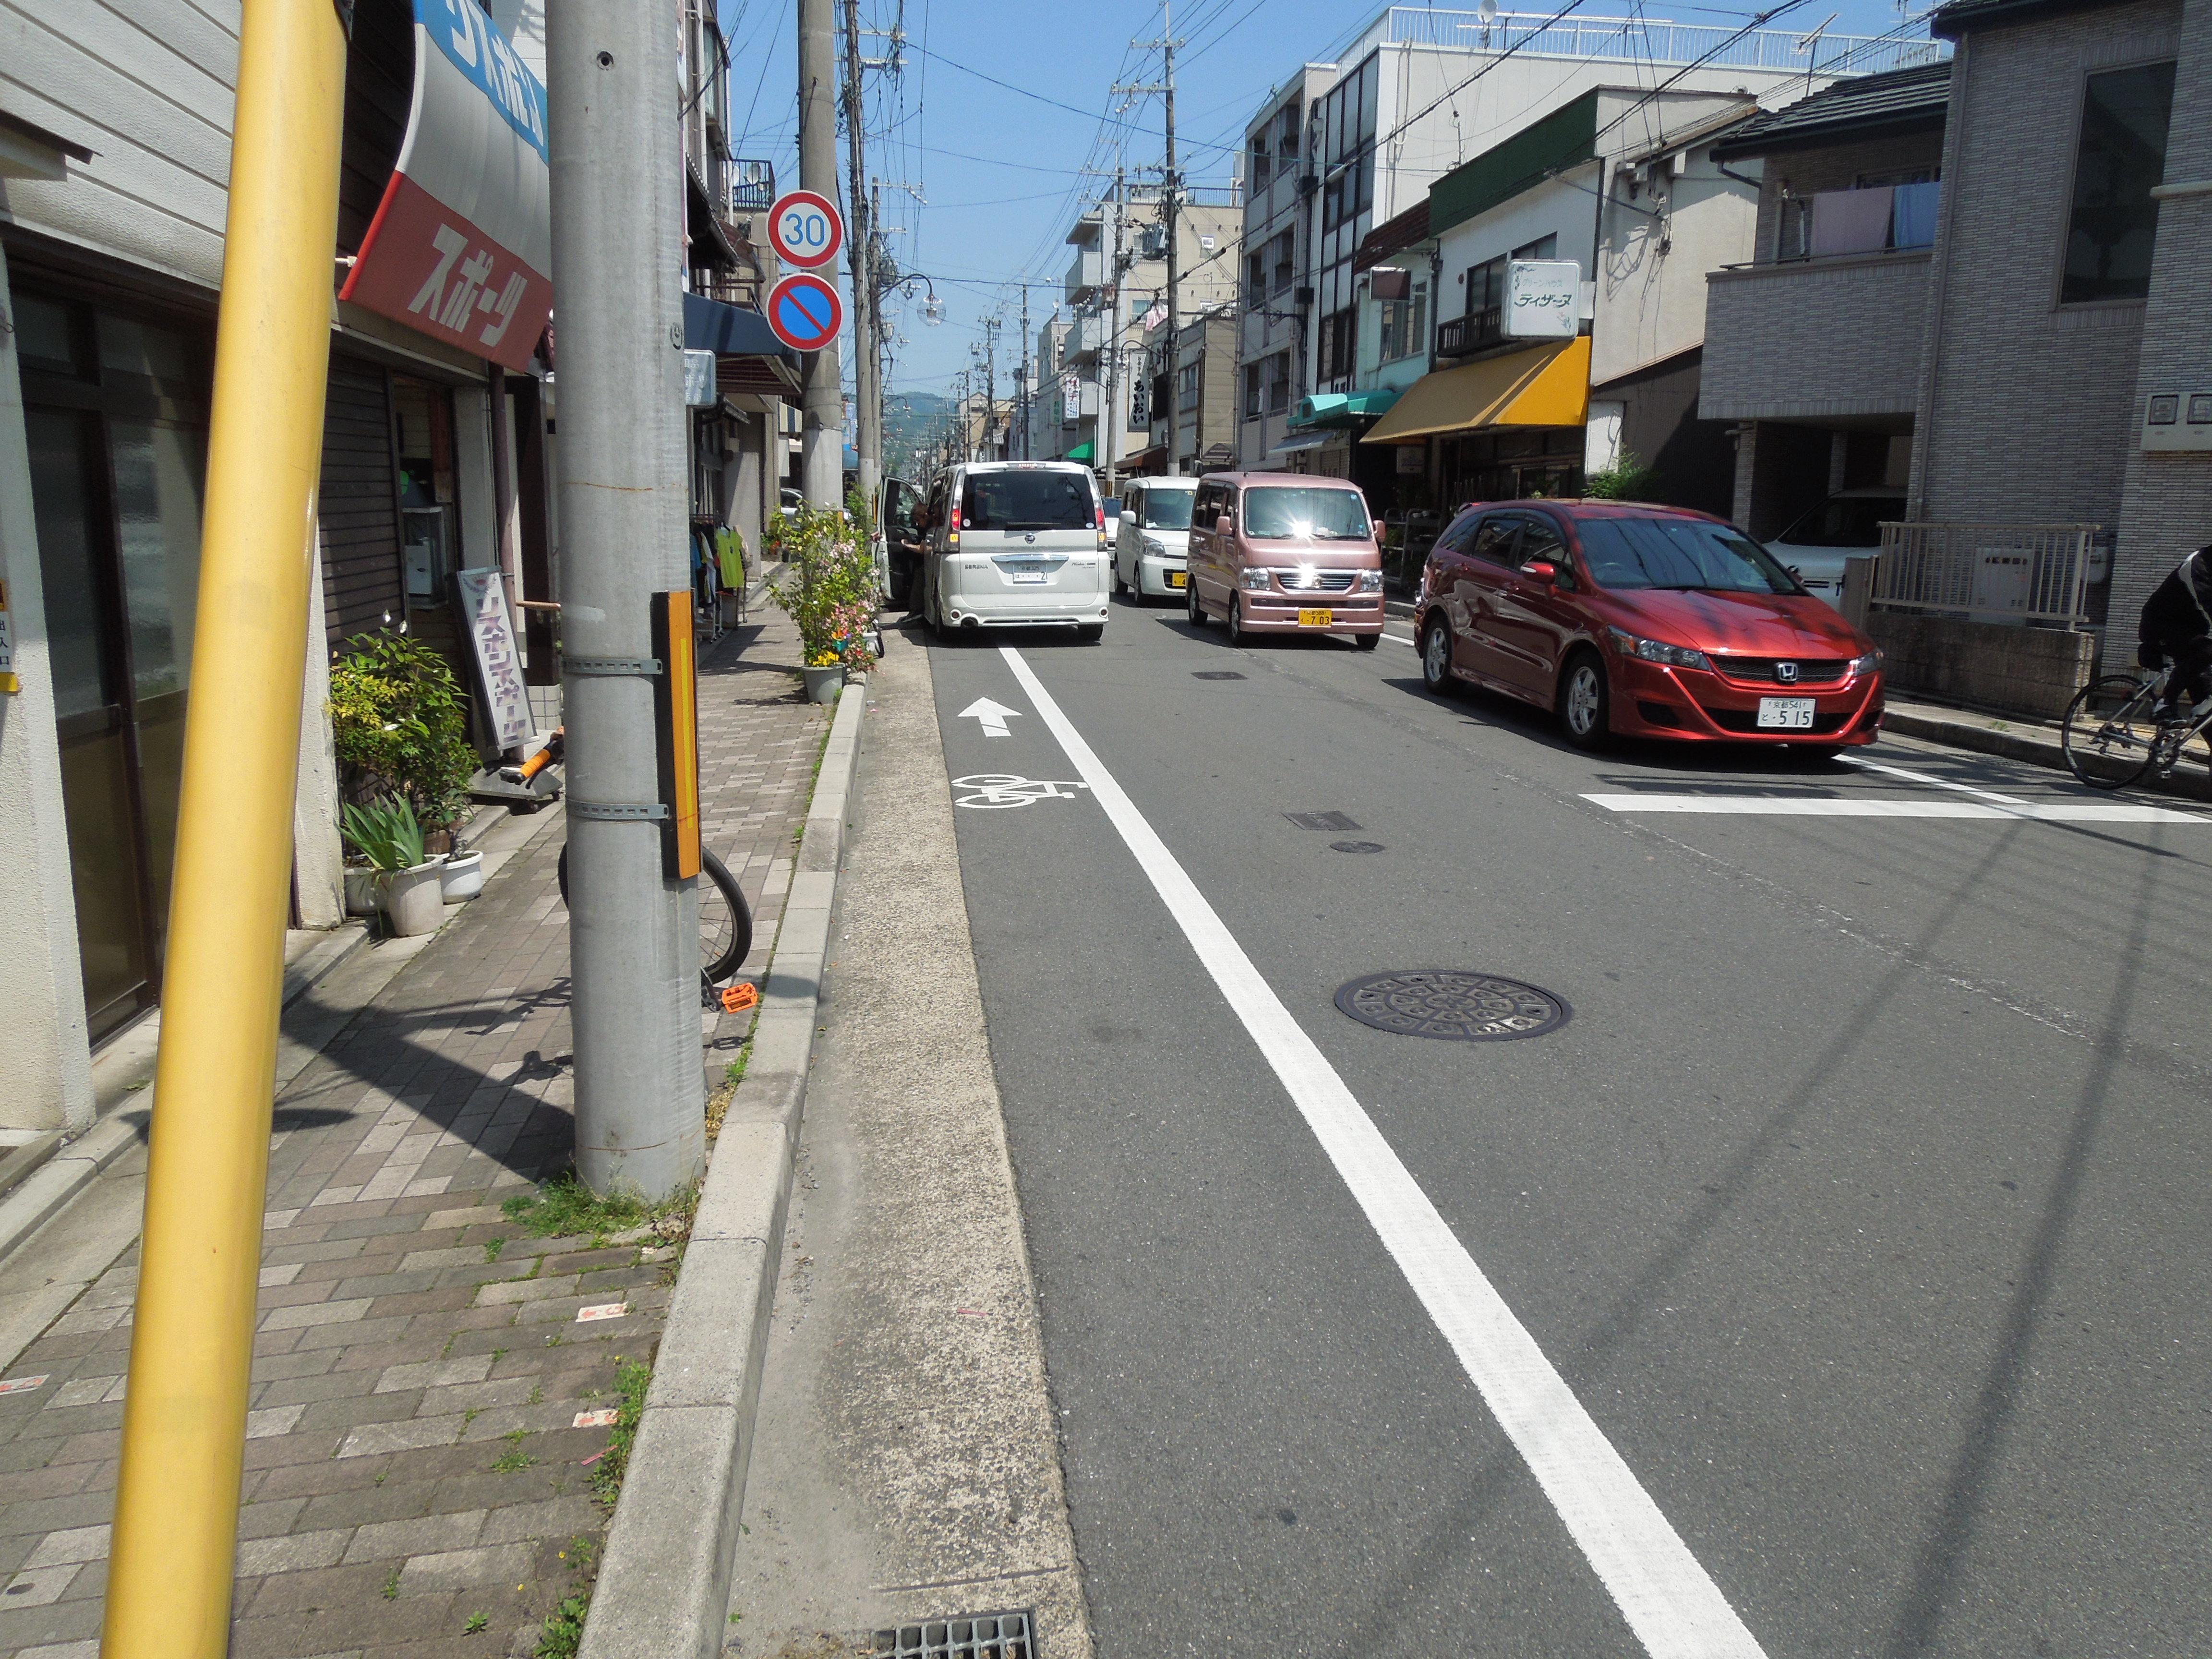 ... −拡がる京都の自転車レーン